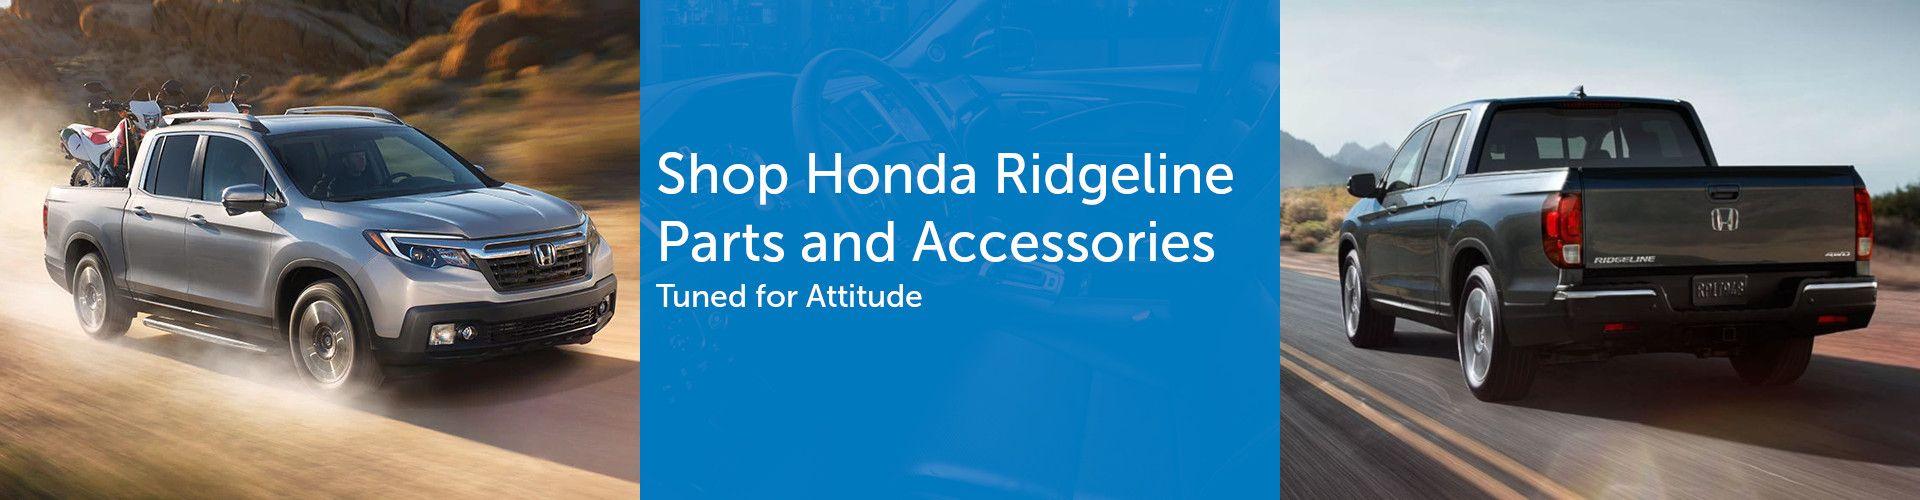 Honda Ridgeline Parts & Accessories